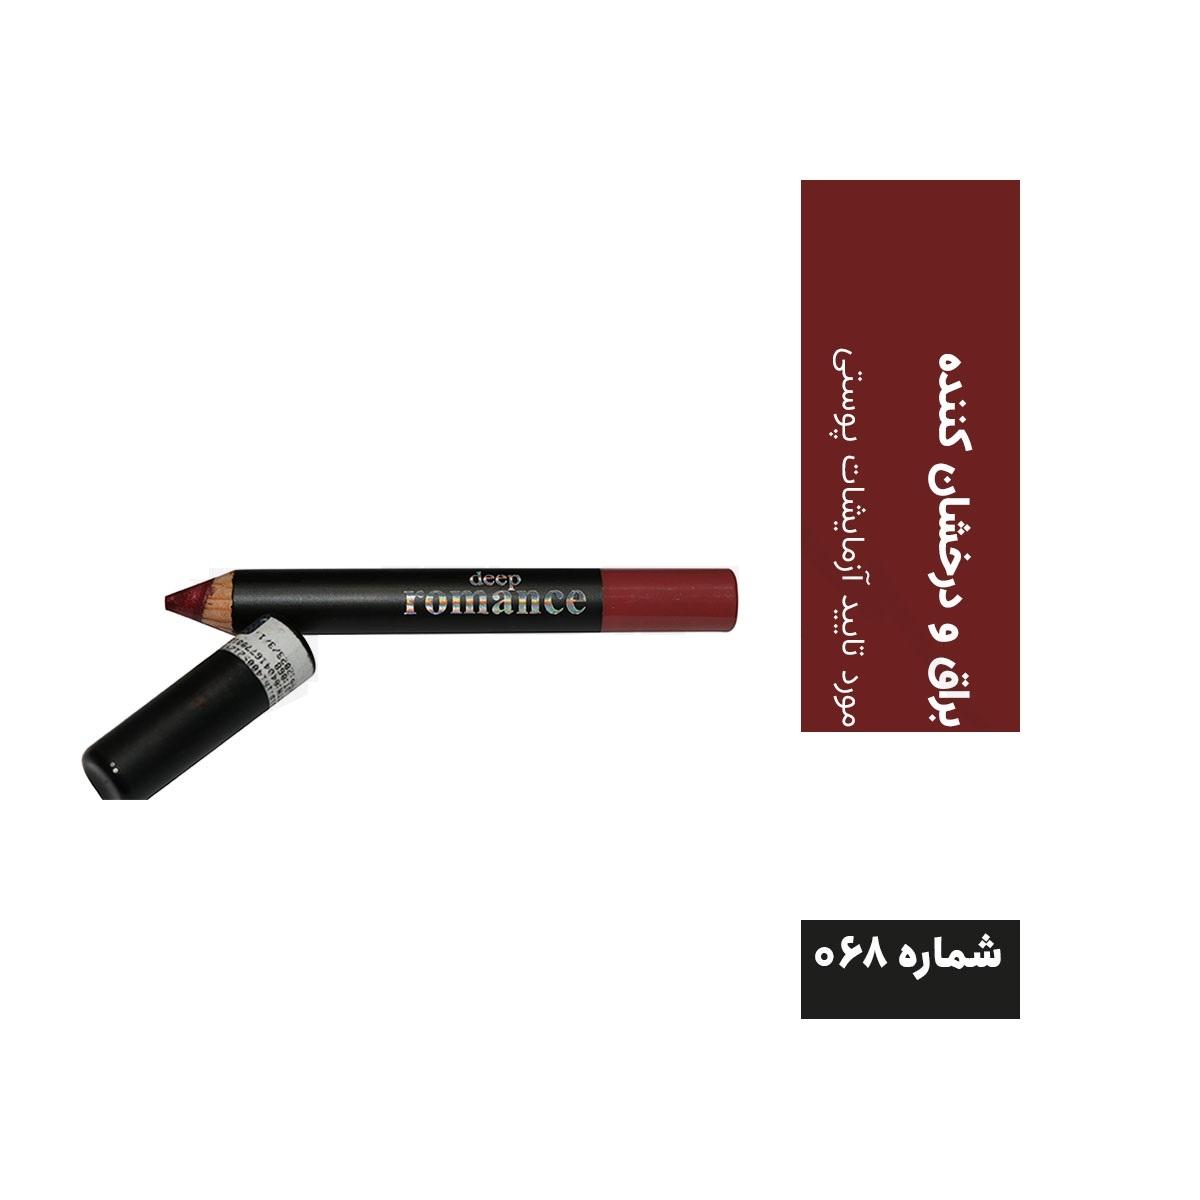 رژ لب مدادی دیپ رومانس با رنگ Ruby شماره 068